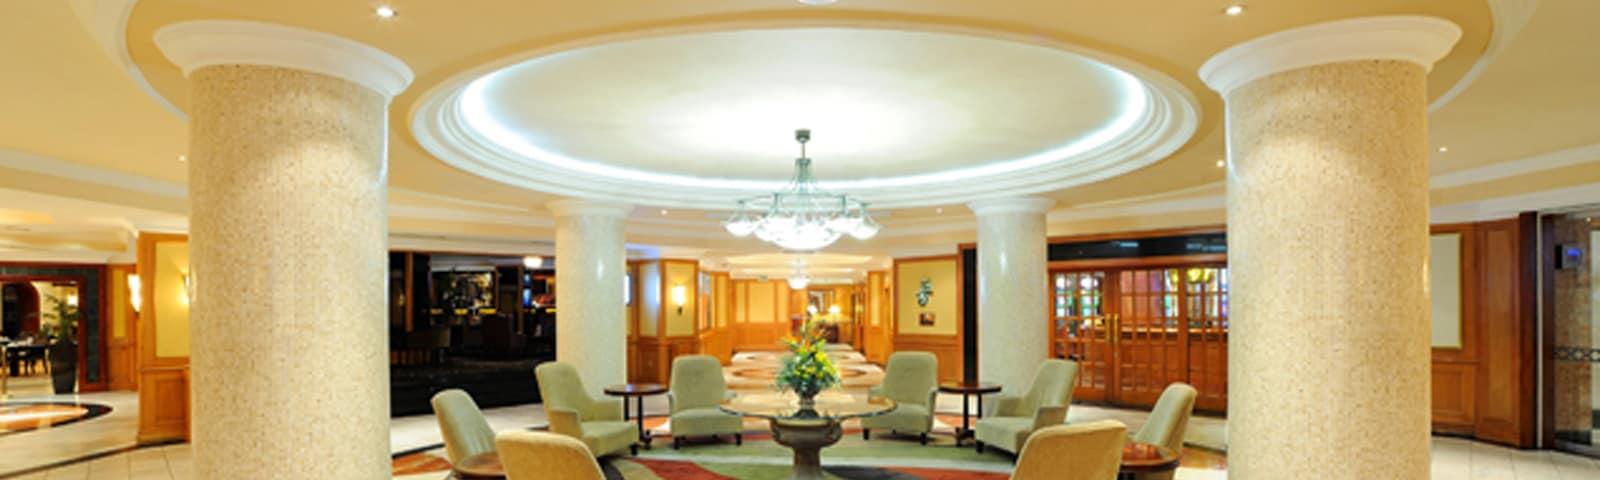 AVANI Windhoek Hotel lobby area